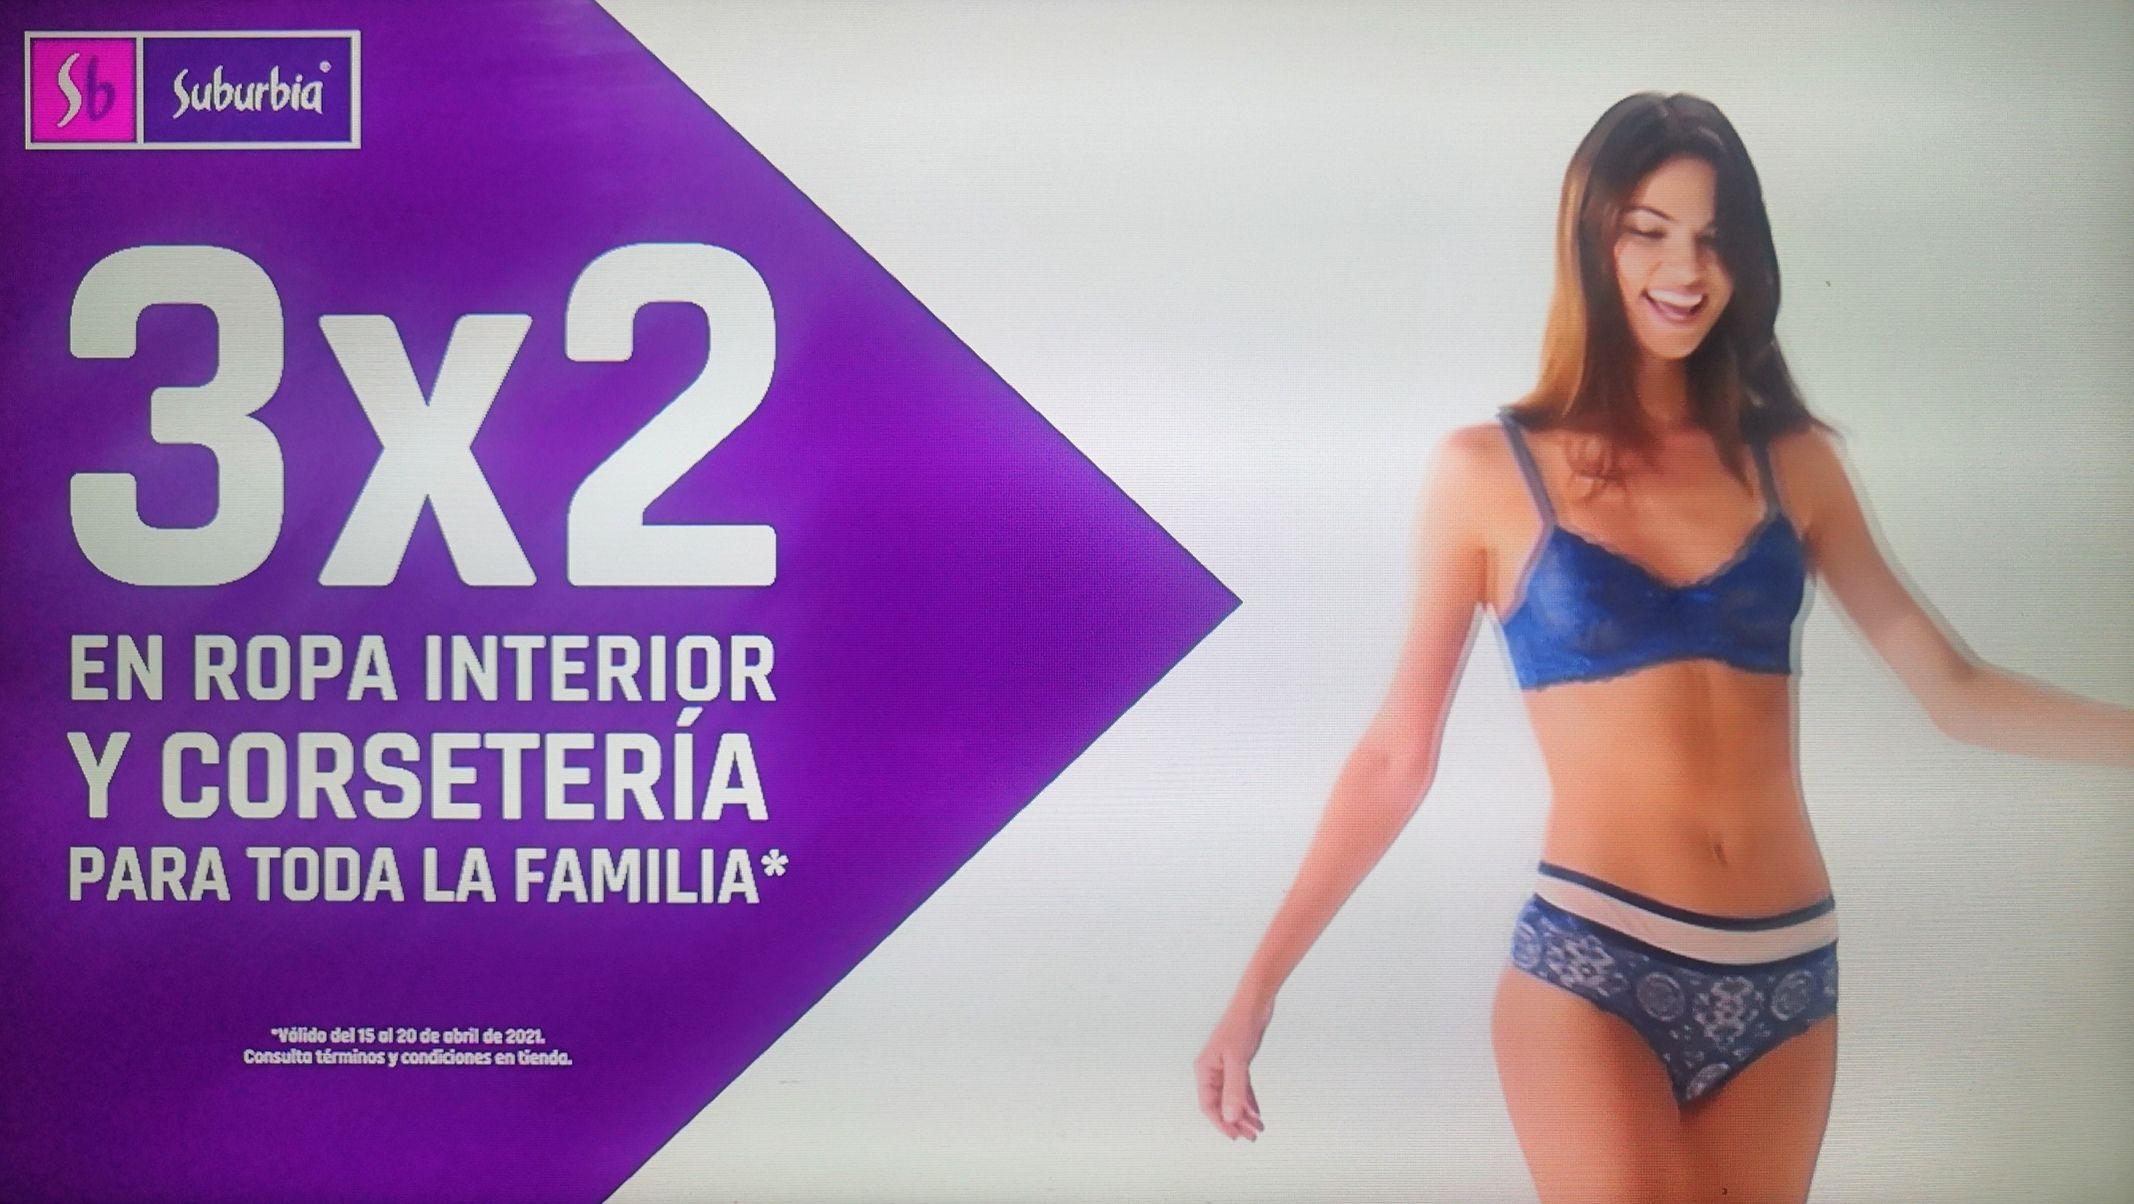 Suburbia: 3 x 2 en ropa interior y corsetería para toda la familia (ó 34% de descuento en tienda en línea) + hasta 7 MSI